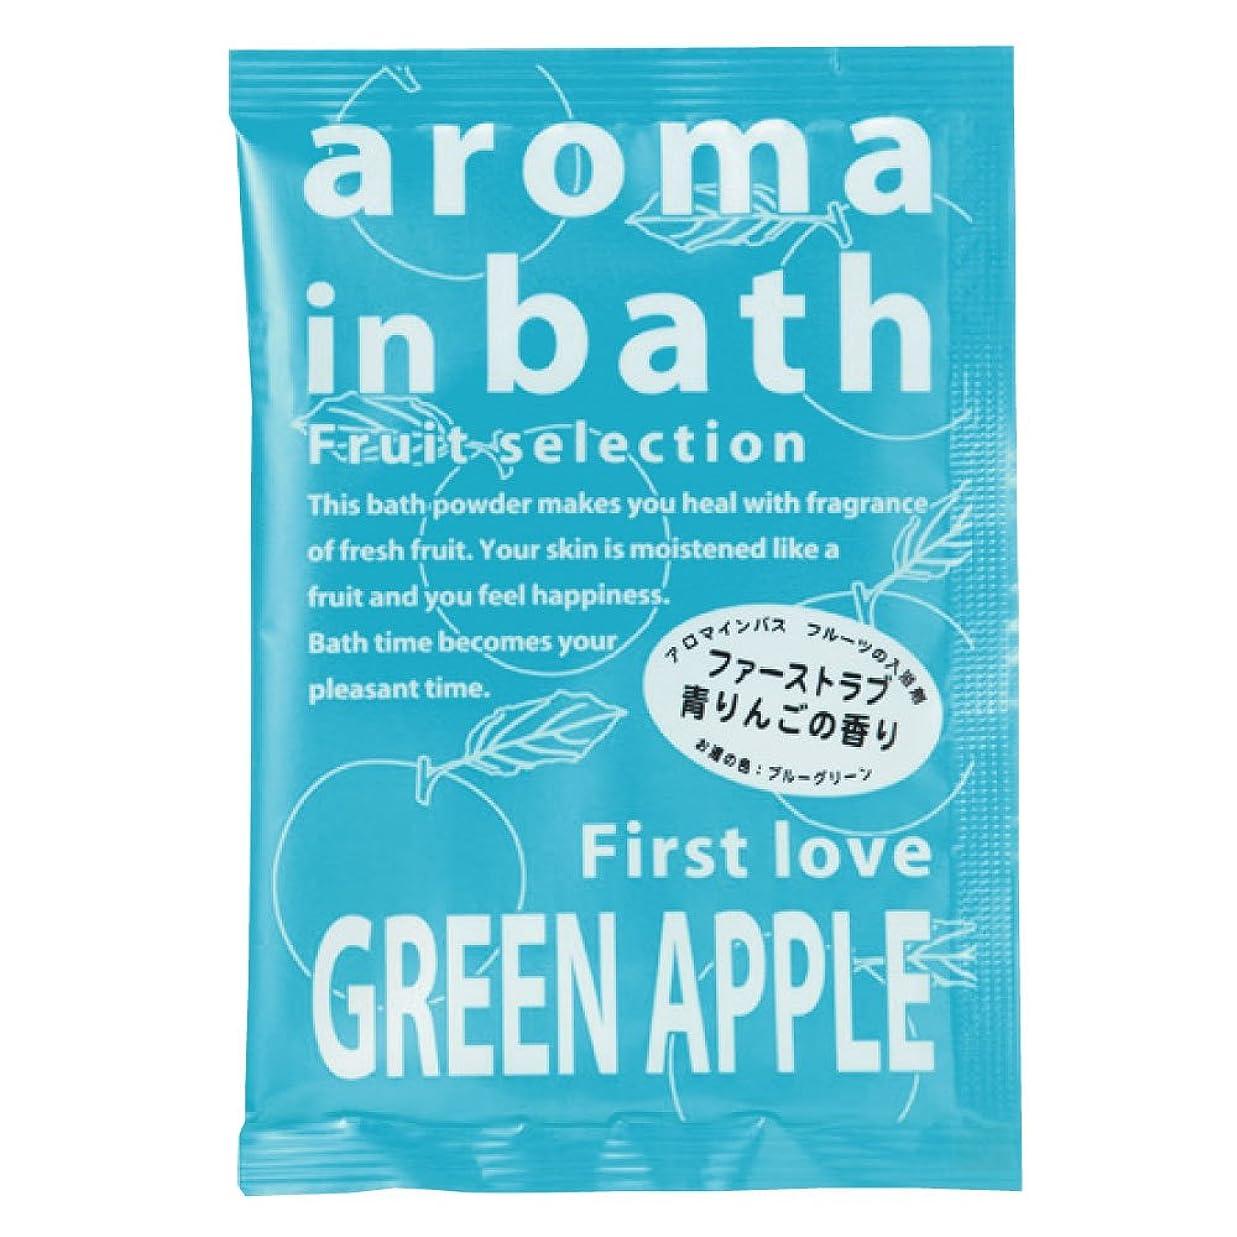 居住者フォルダ計り知れない入浴剤 アロマインバス(グリ-ンアップルの香り)25g